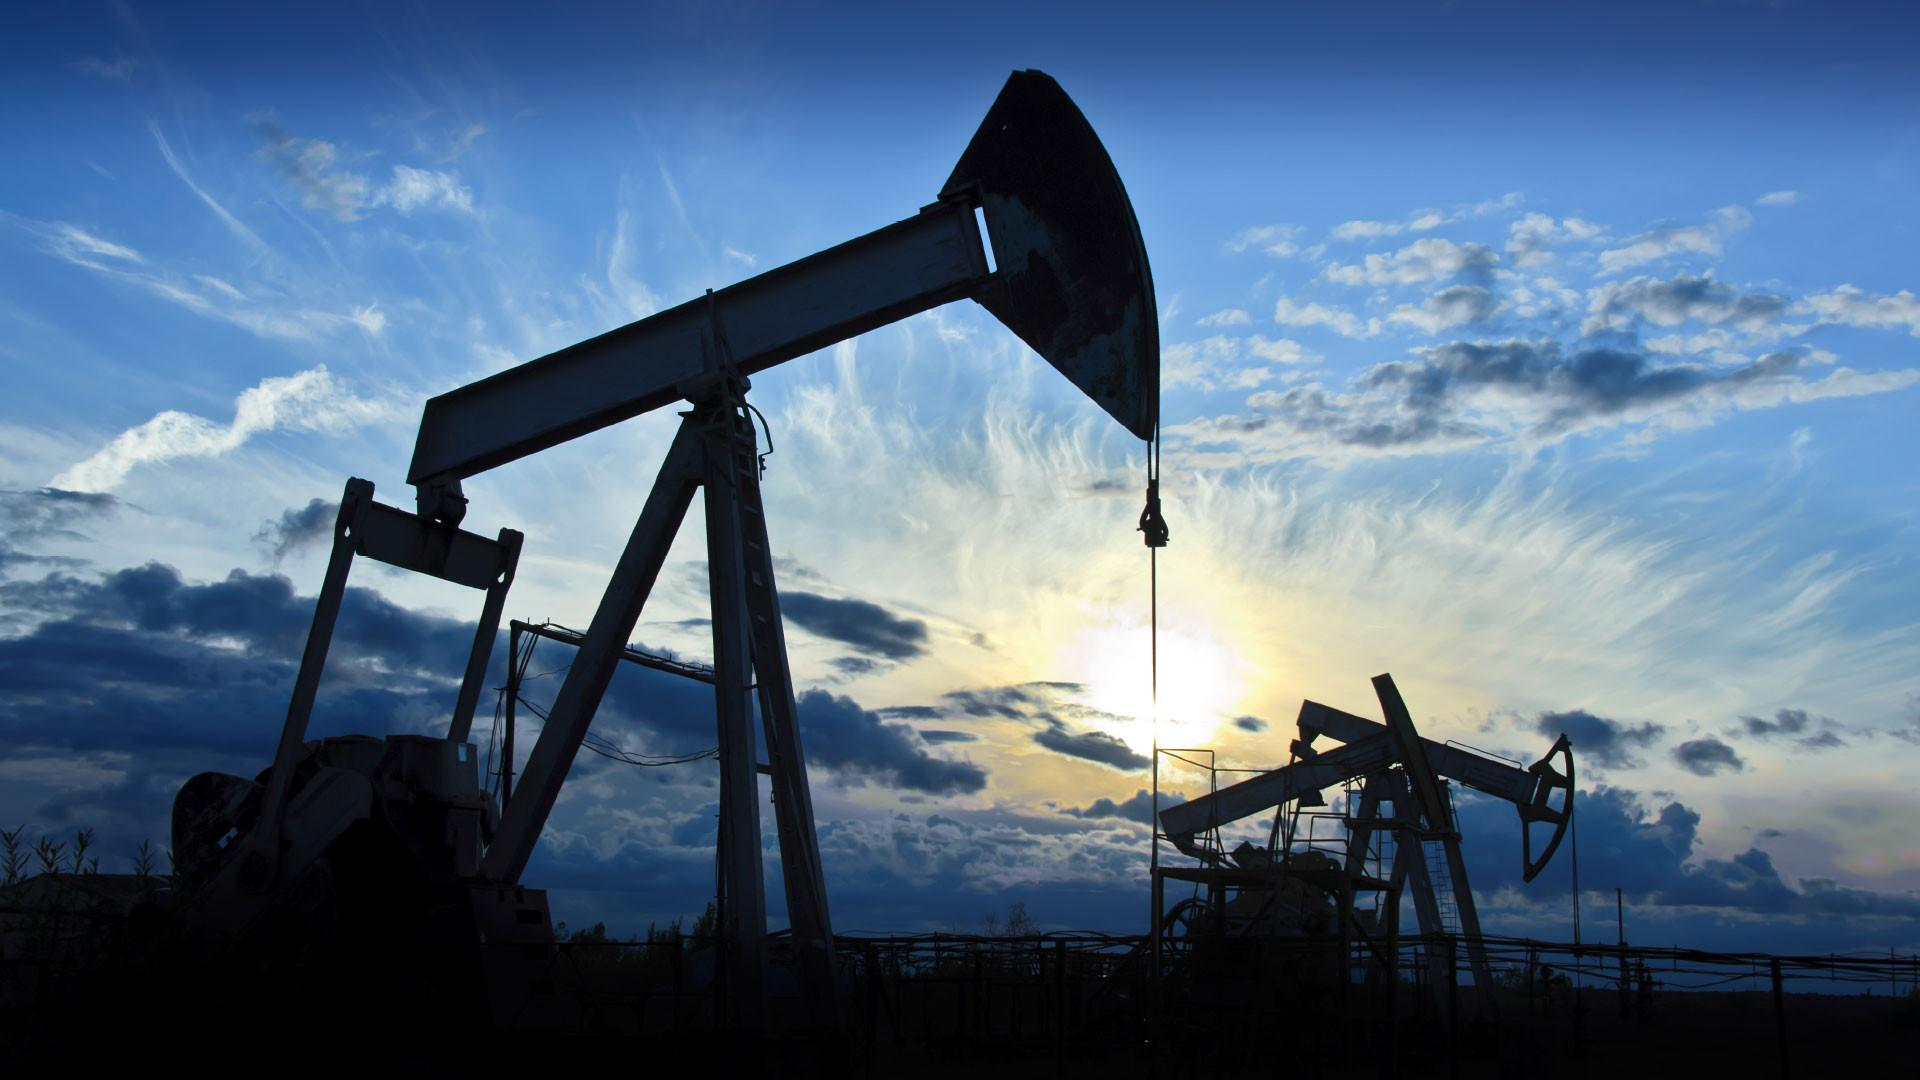 Dünyada ən çox neft istehlak edən ölkələr açıqlanıb